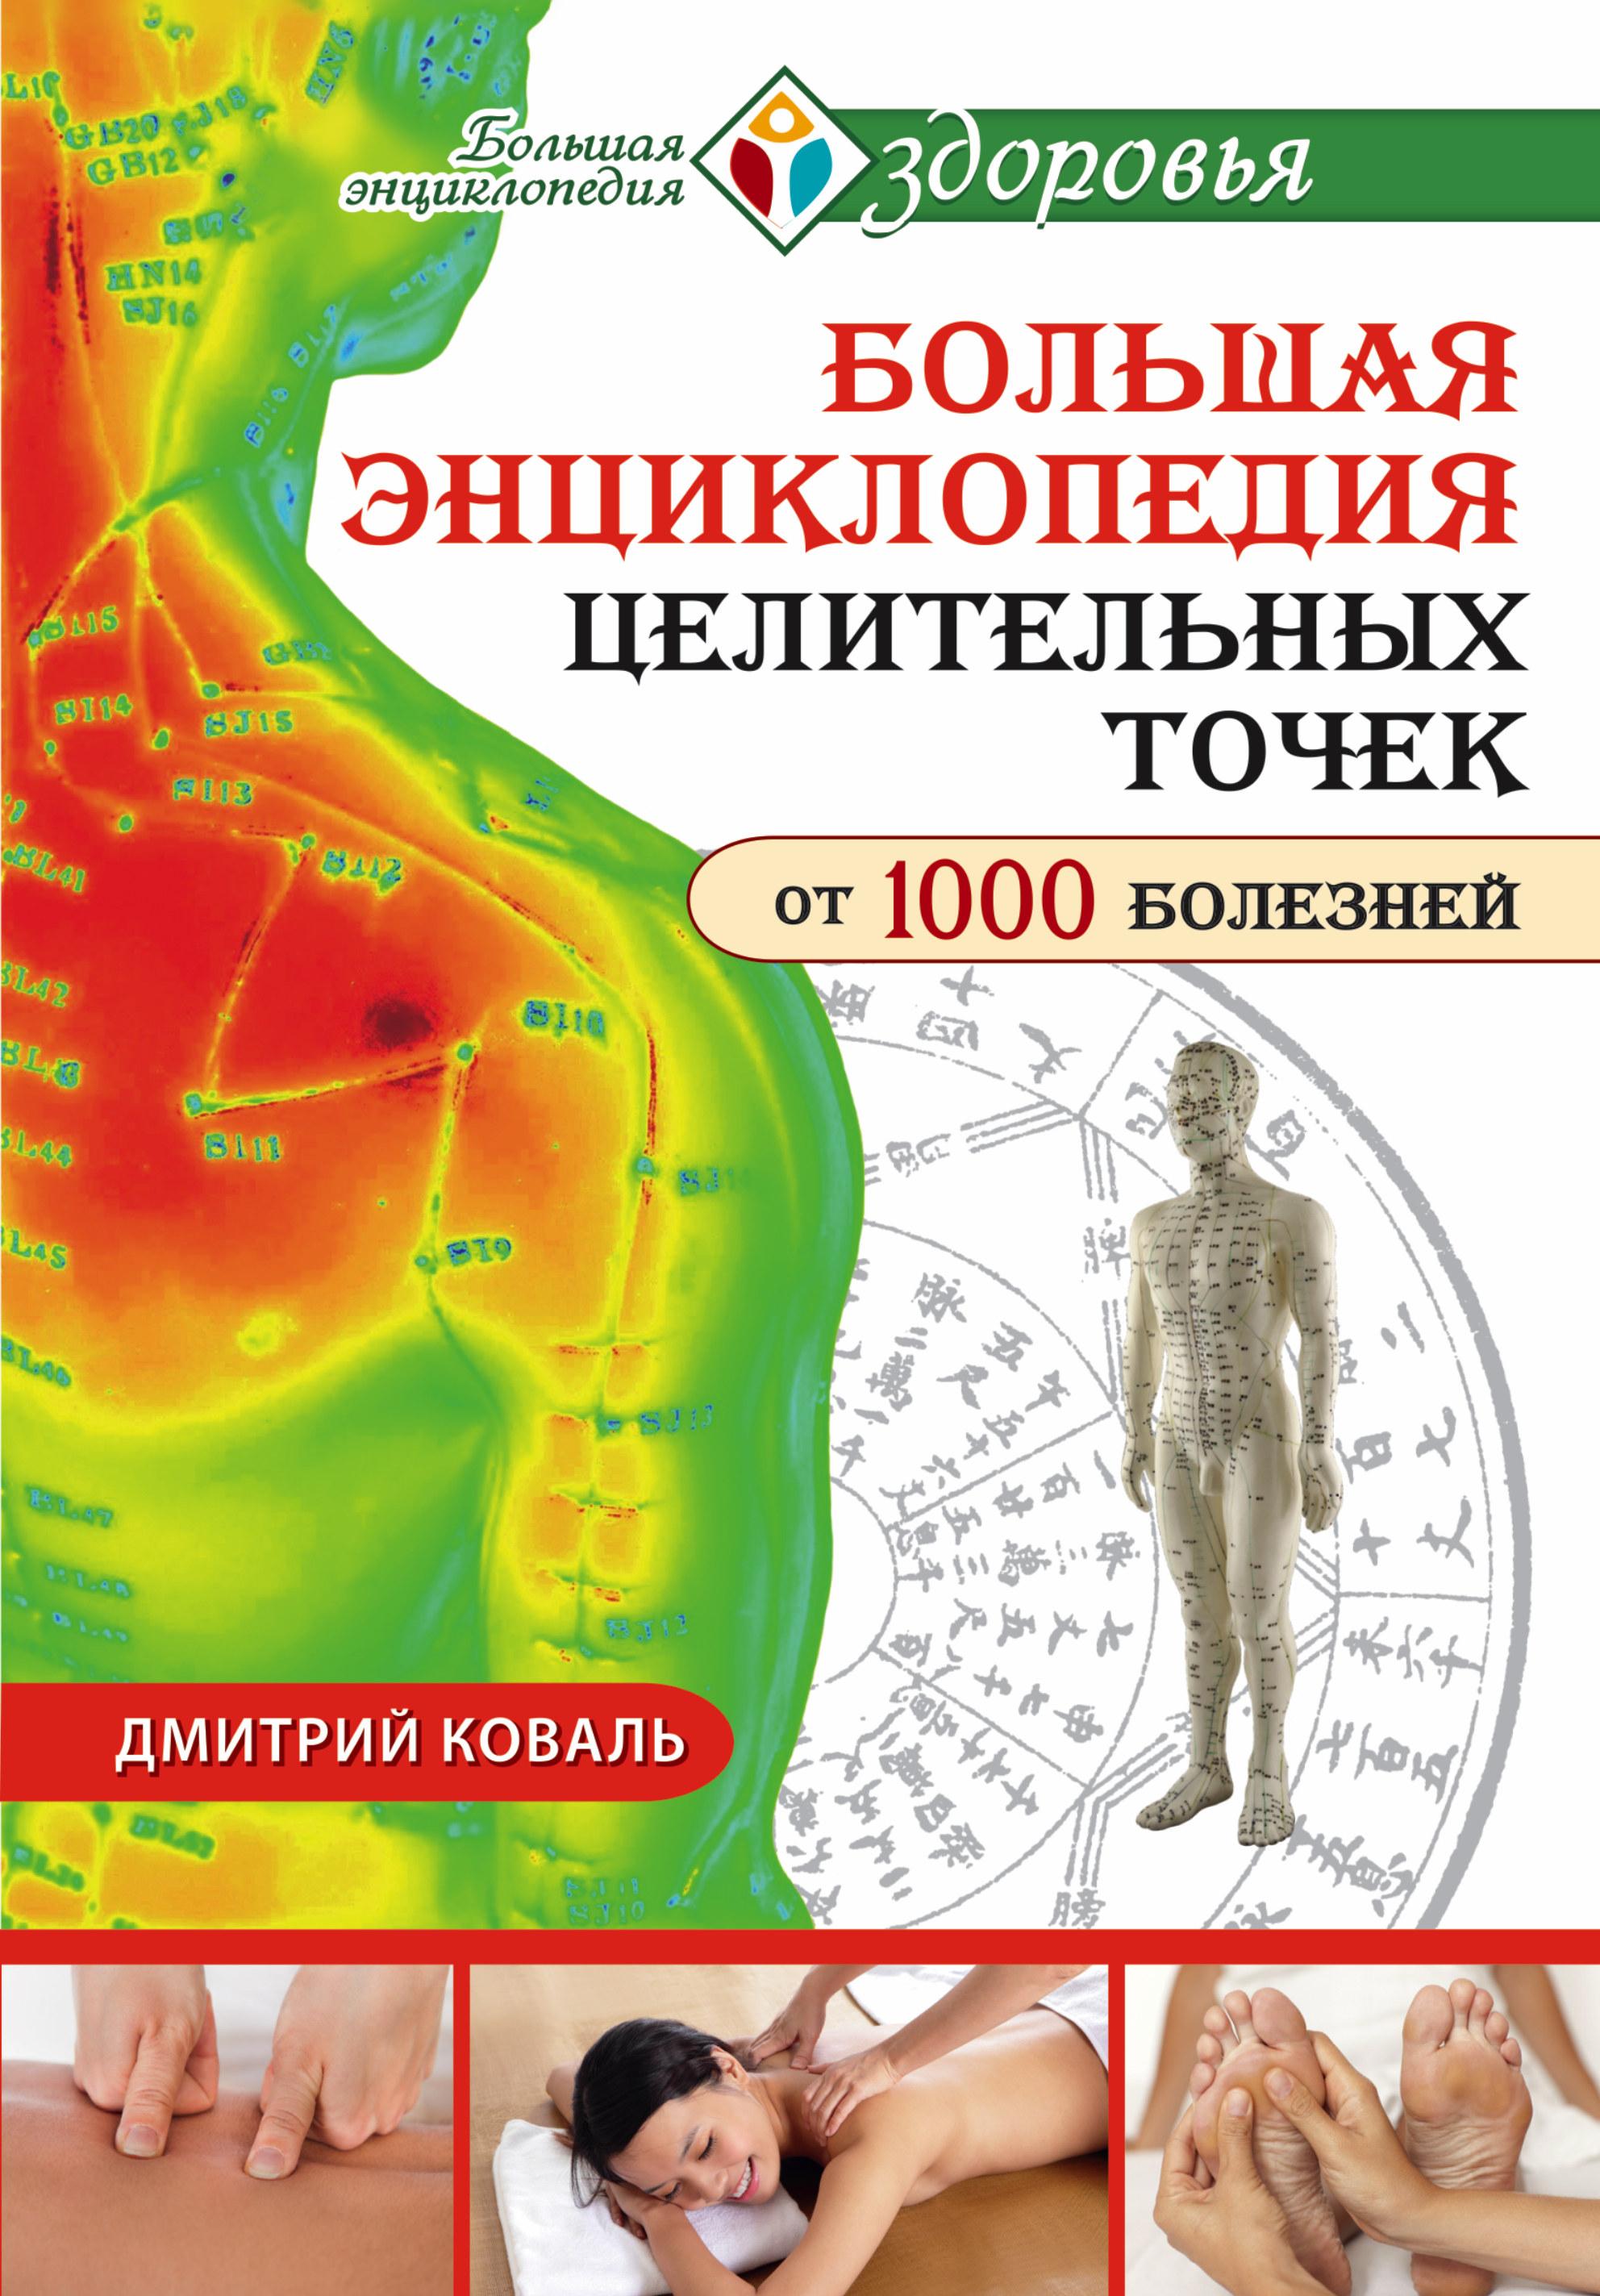 Дмитрий Коваль «Большая энциклопедия целительных точек от 1000 болезней»